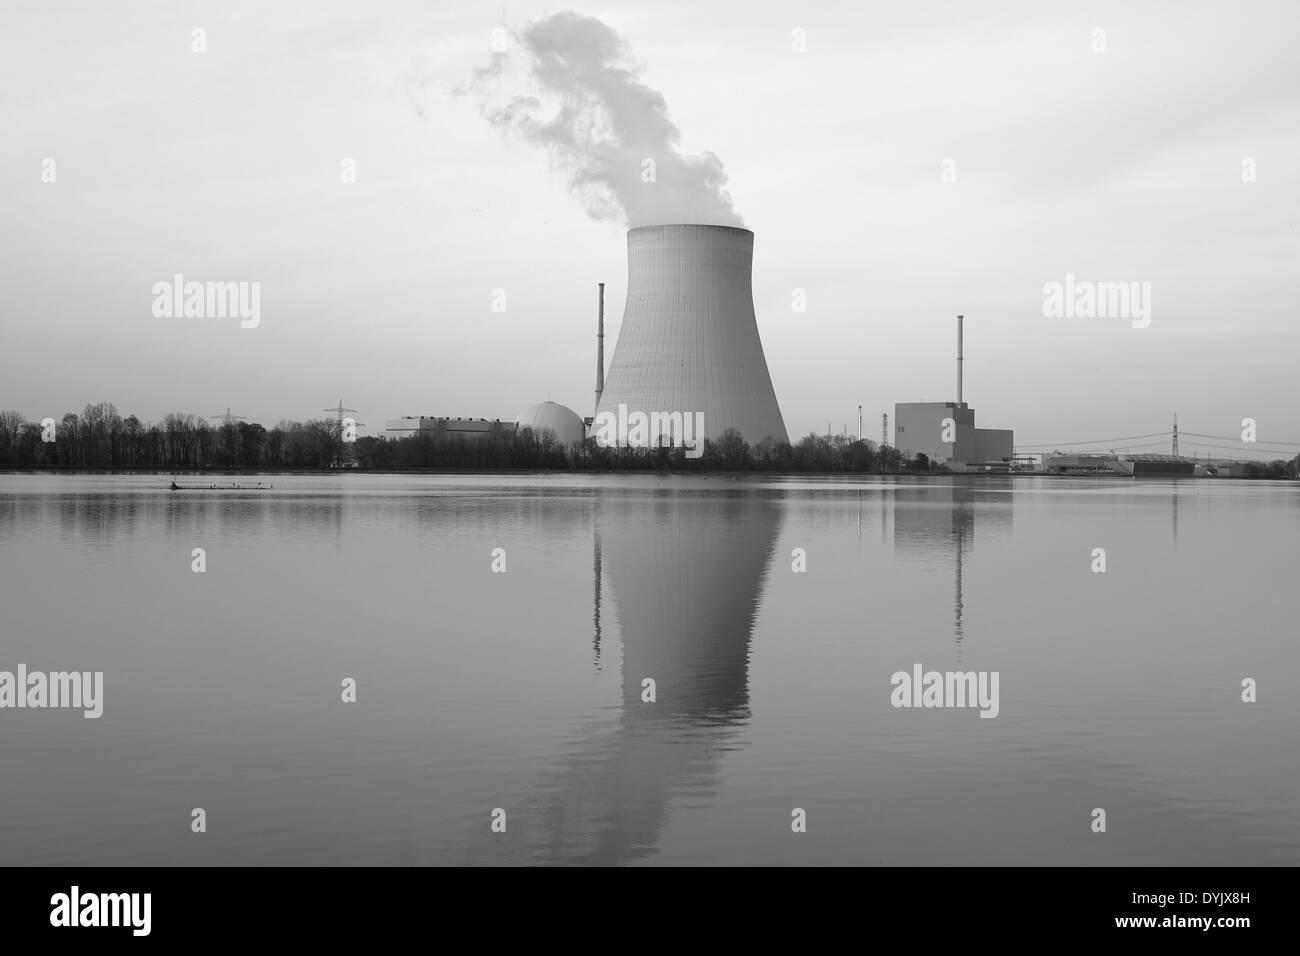 Atomkraftwerk Ohu bei Landshut, Bayern, Deutschland - Stock Image